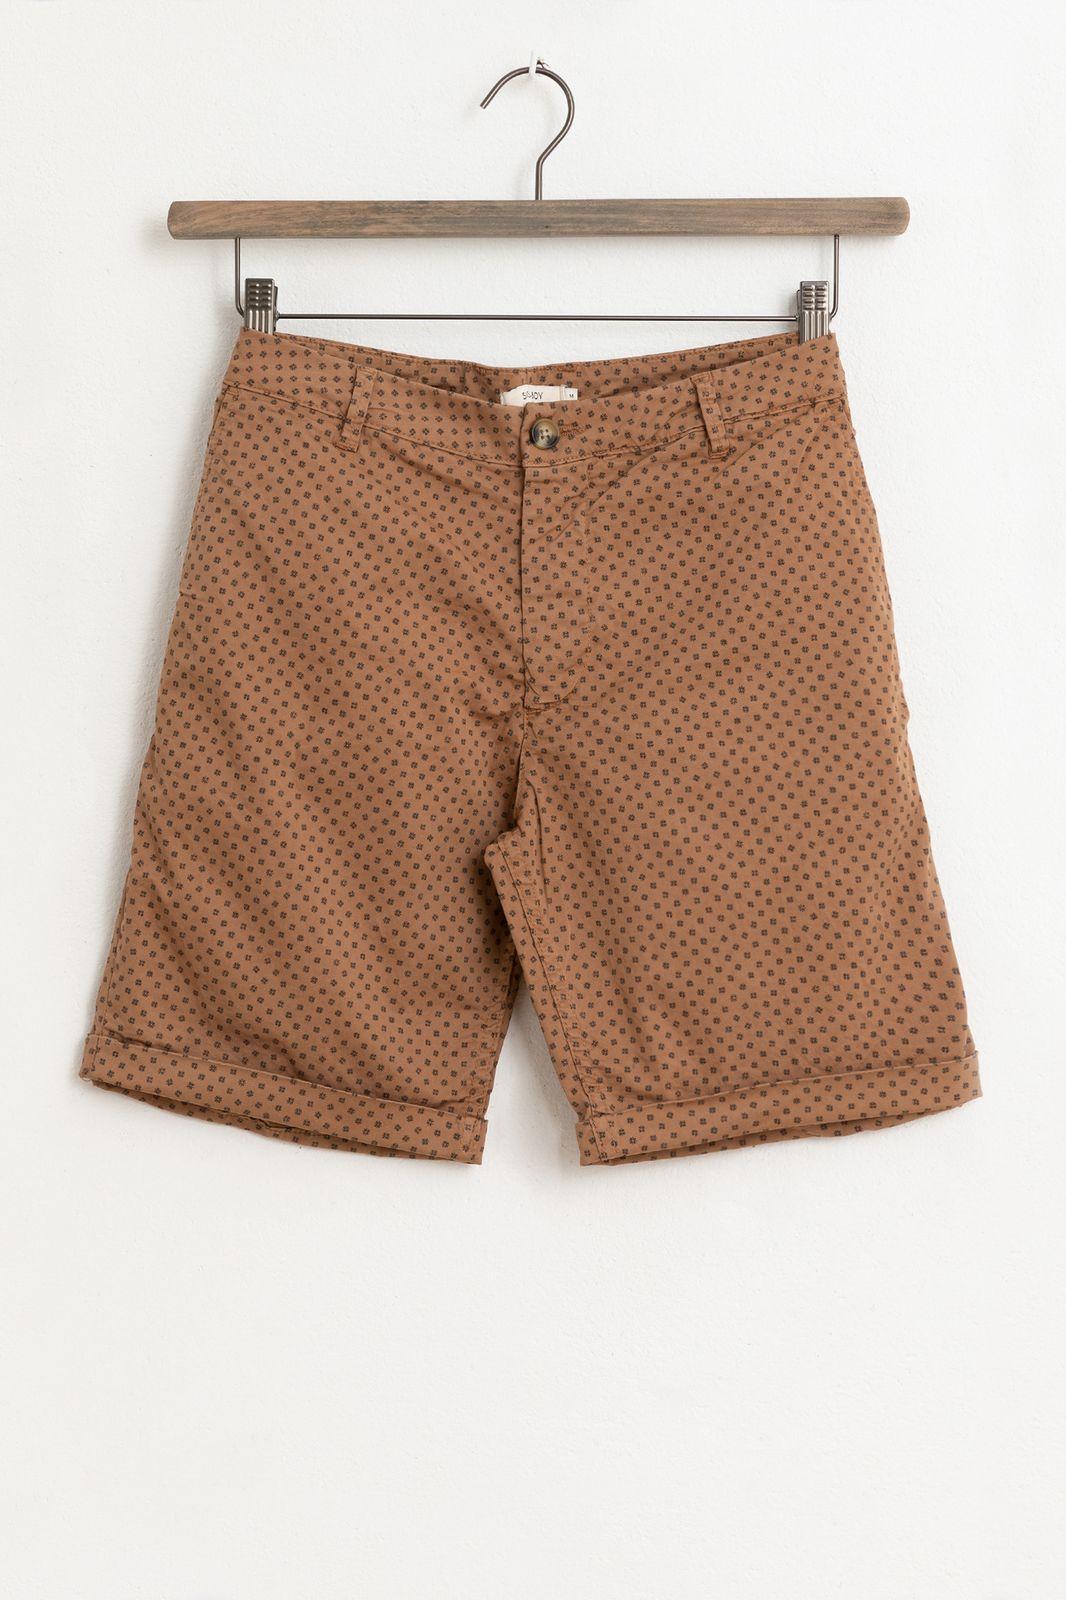 Bruine chino shorts met all over print